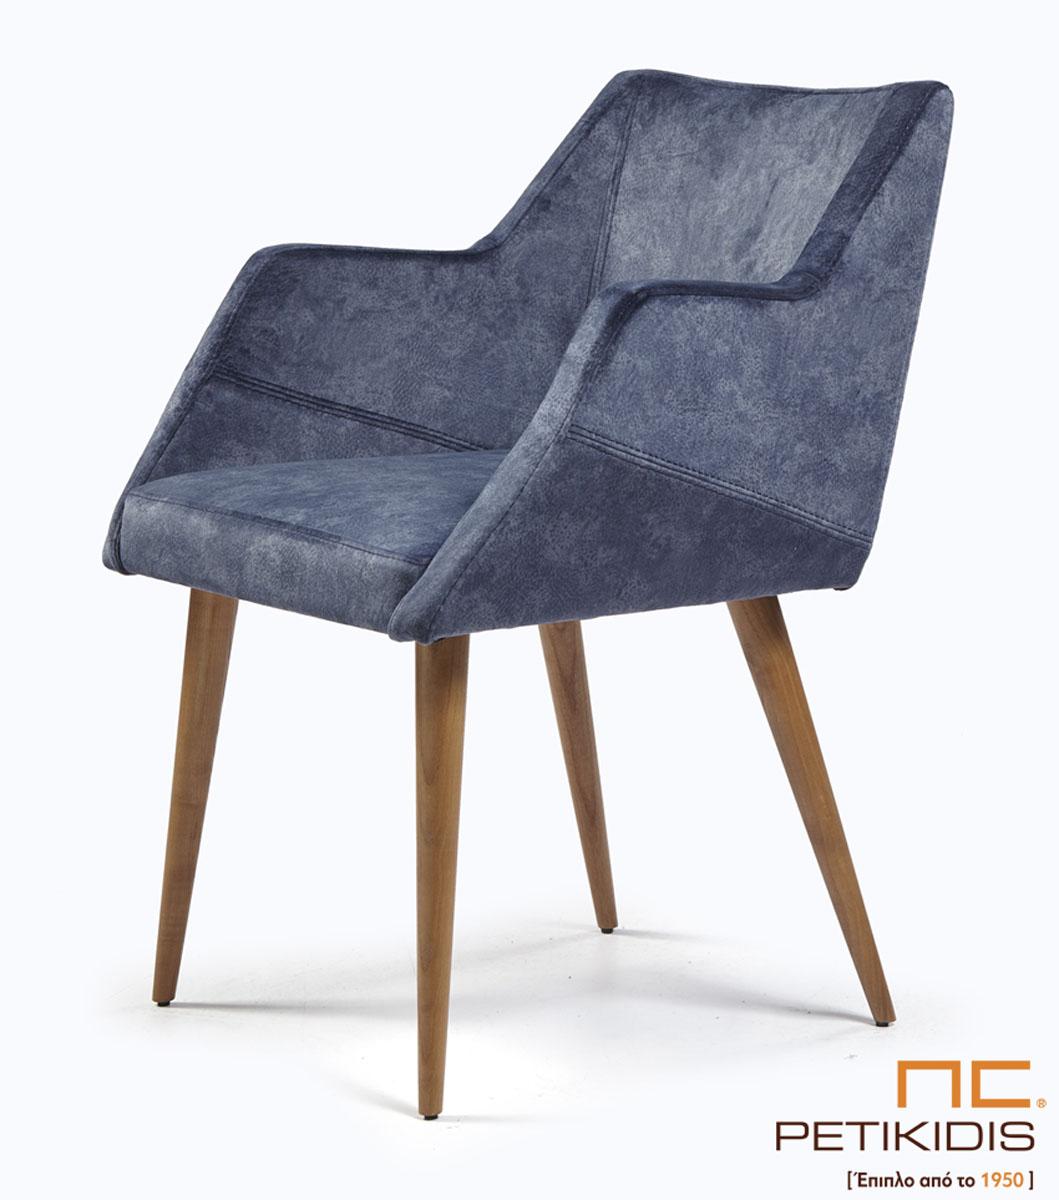 Καρεκλοπολυθρόνα Νο243-35 με μασίφ ξύλινη βάση . Μπορούν άνετα να χρησιμοποιηθούν και ως καρέκλες συνομιλητού σε εργασιακό χώρο. Ιδιαίτερη άνεση και σχεδιασμός. Το ύφασμα είναι σε γκρι μπλε τόνους αλέκιαστο και αδιάβροχο.